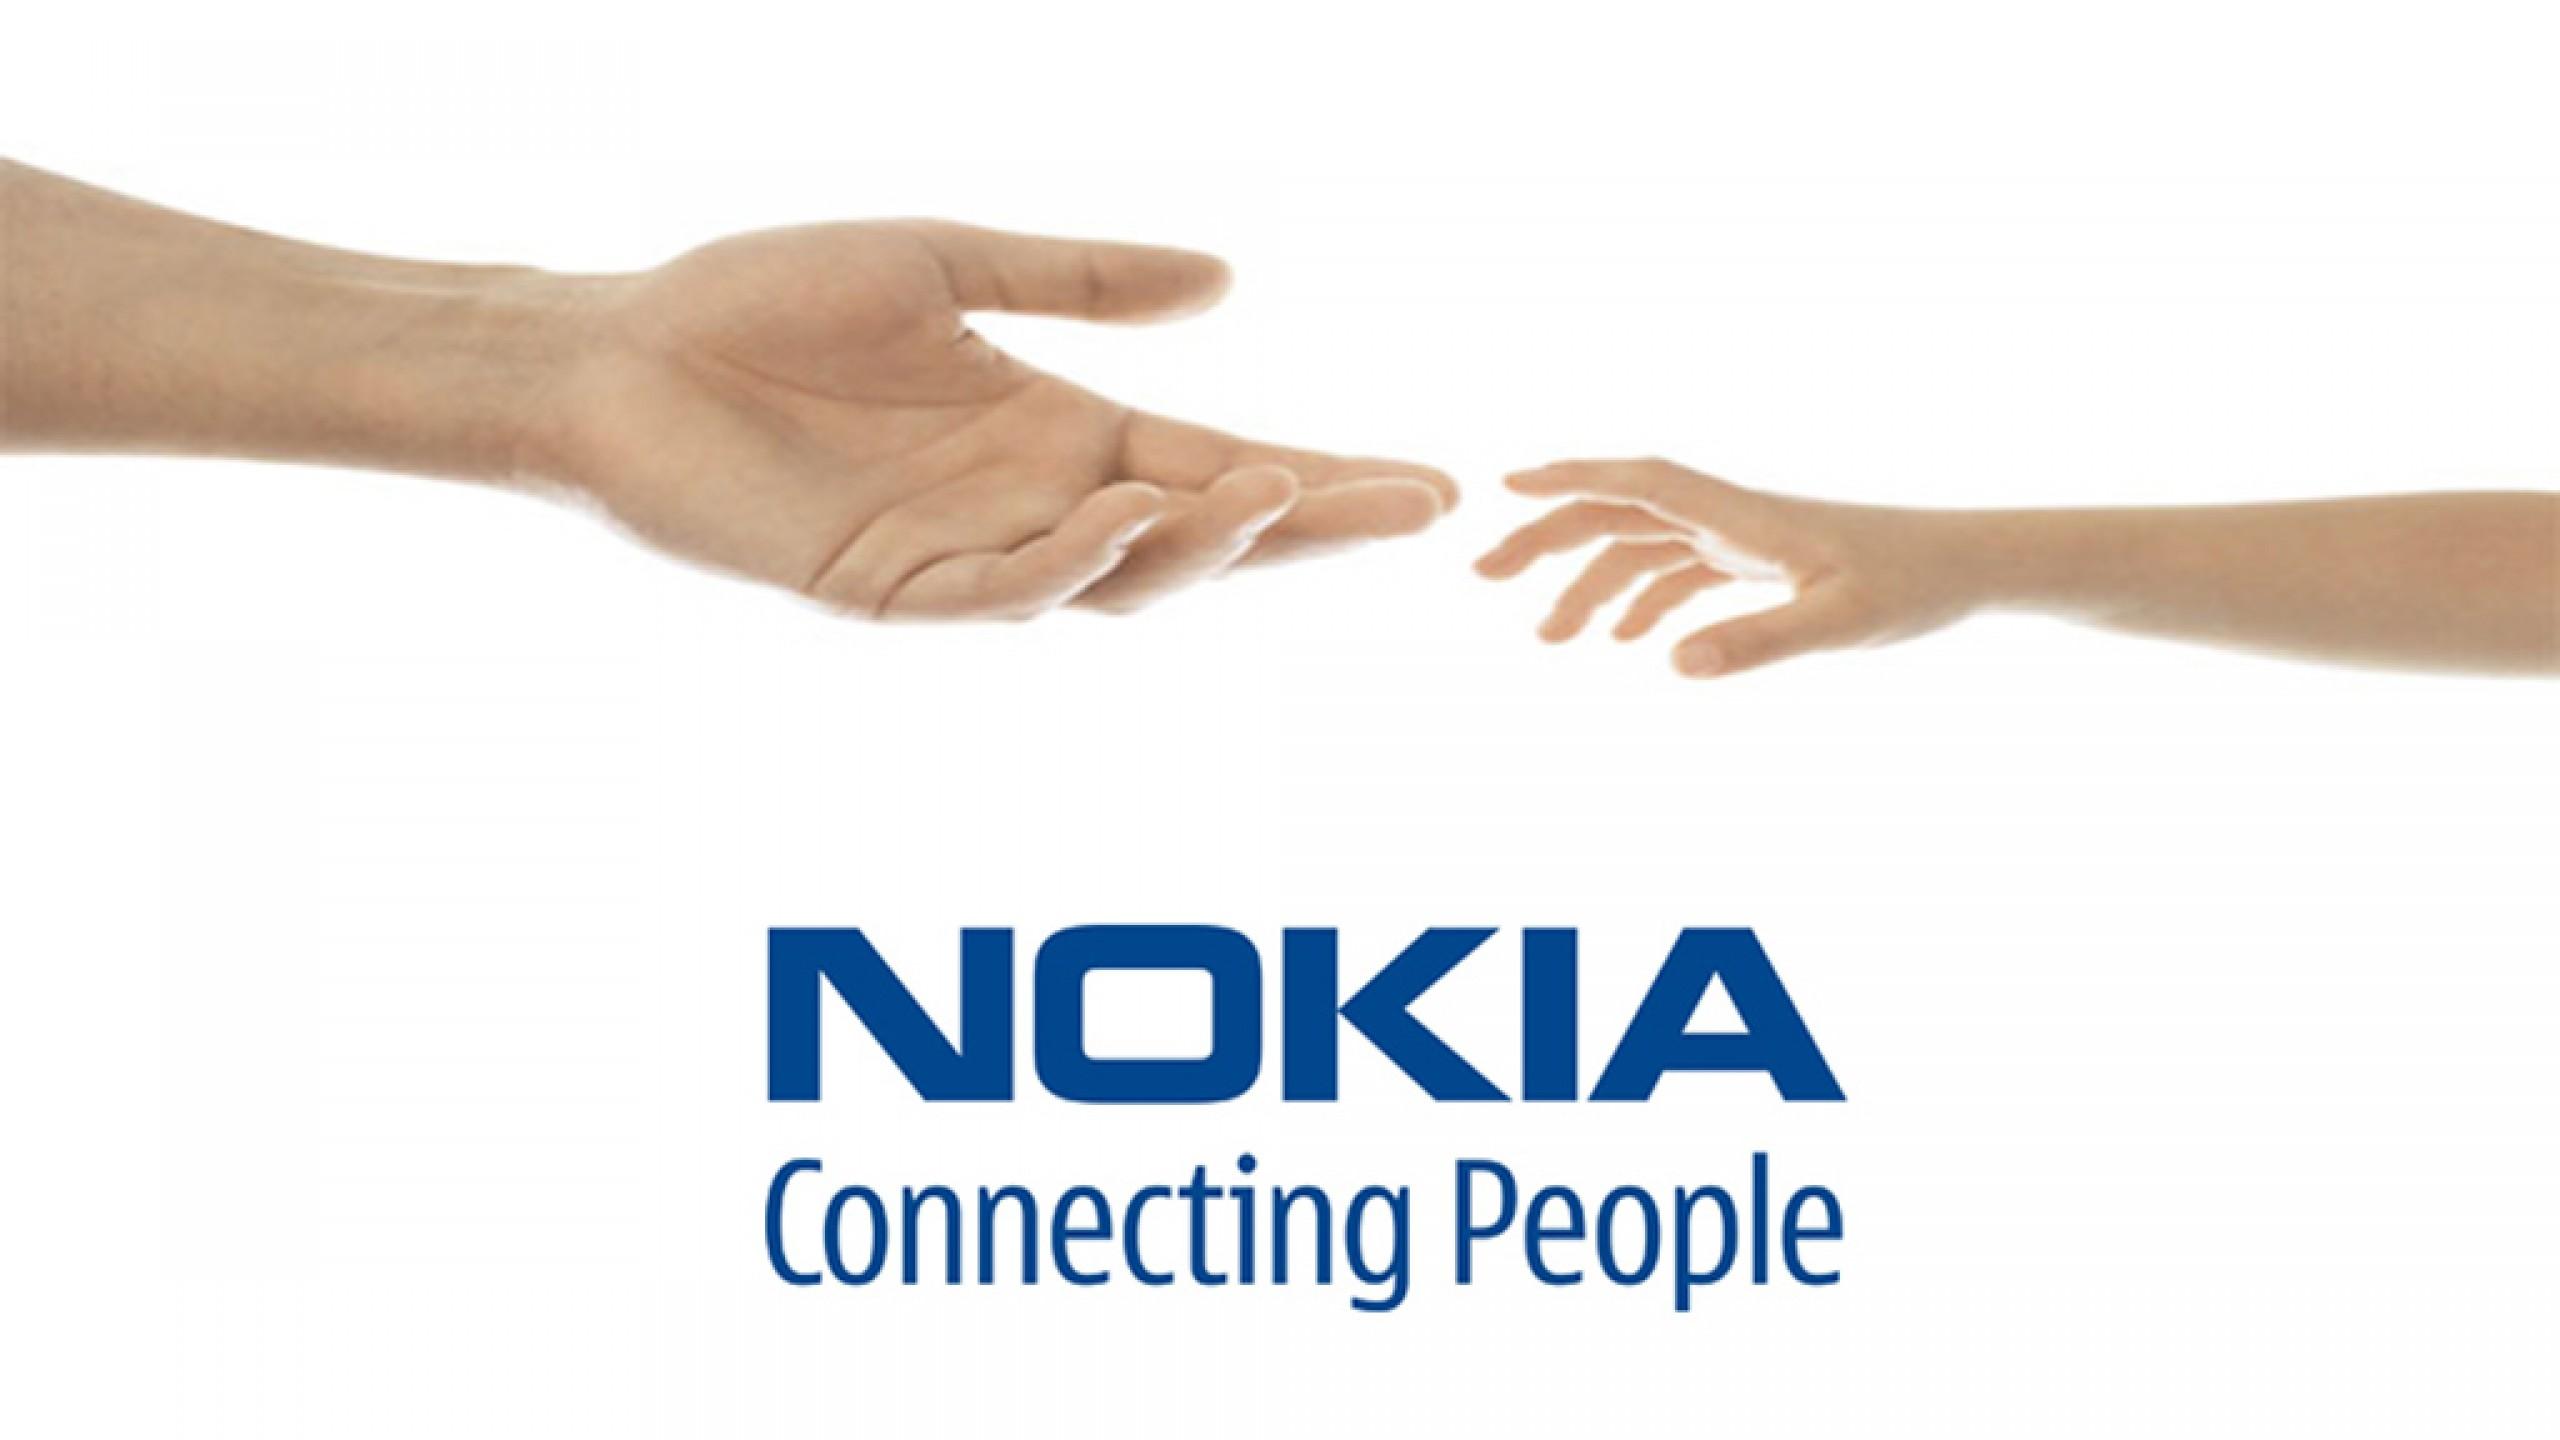 智能手机续航翻倍 诺基亚联合外部研发全新电池技术